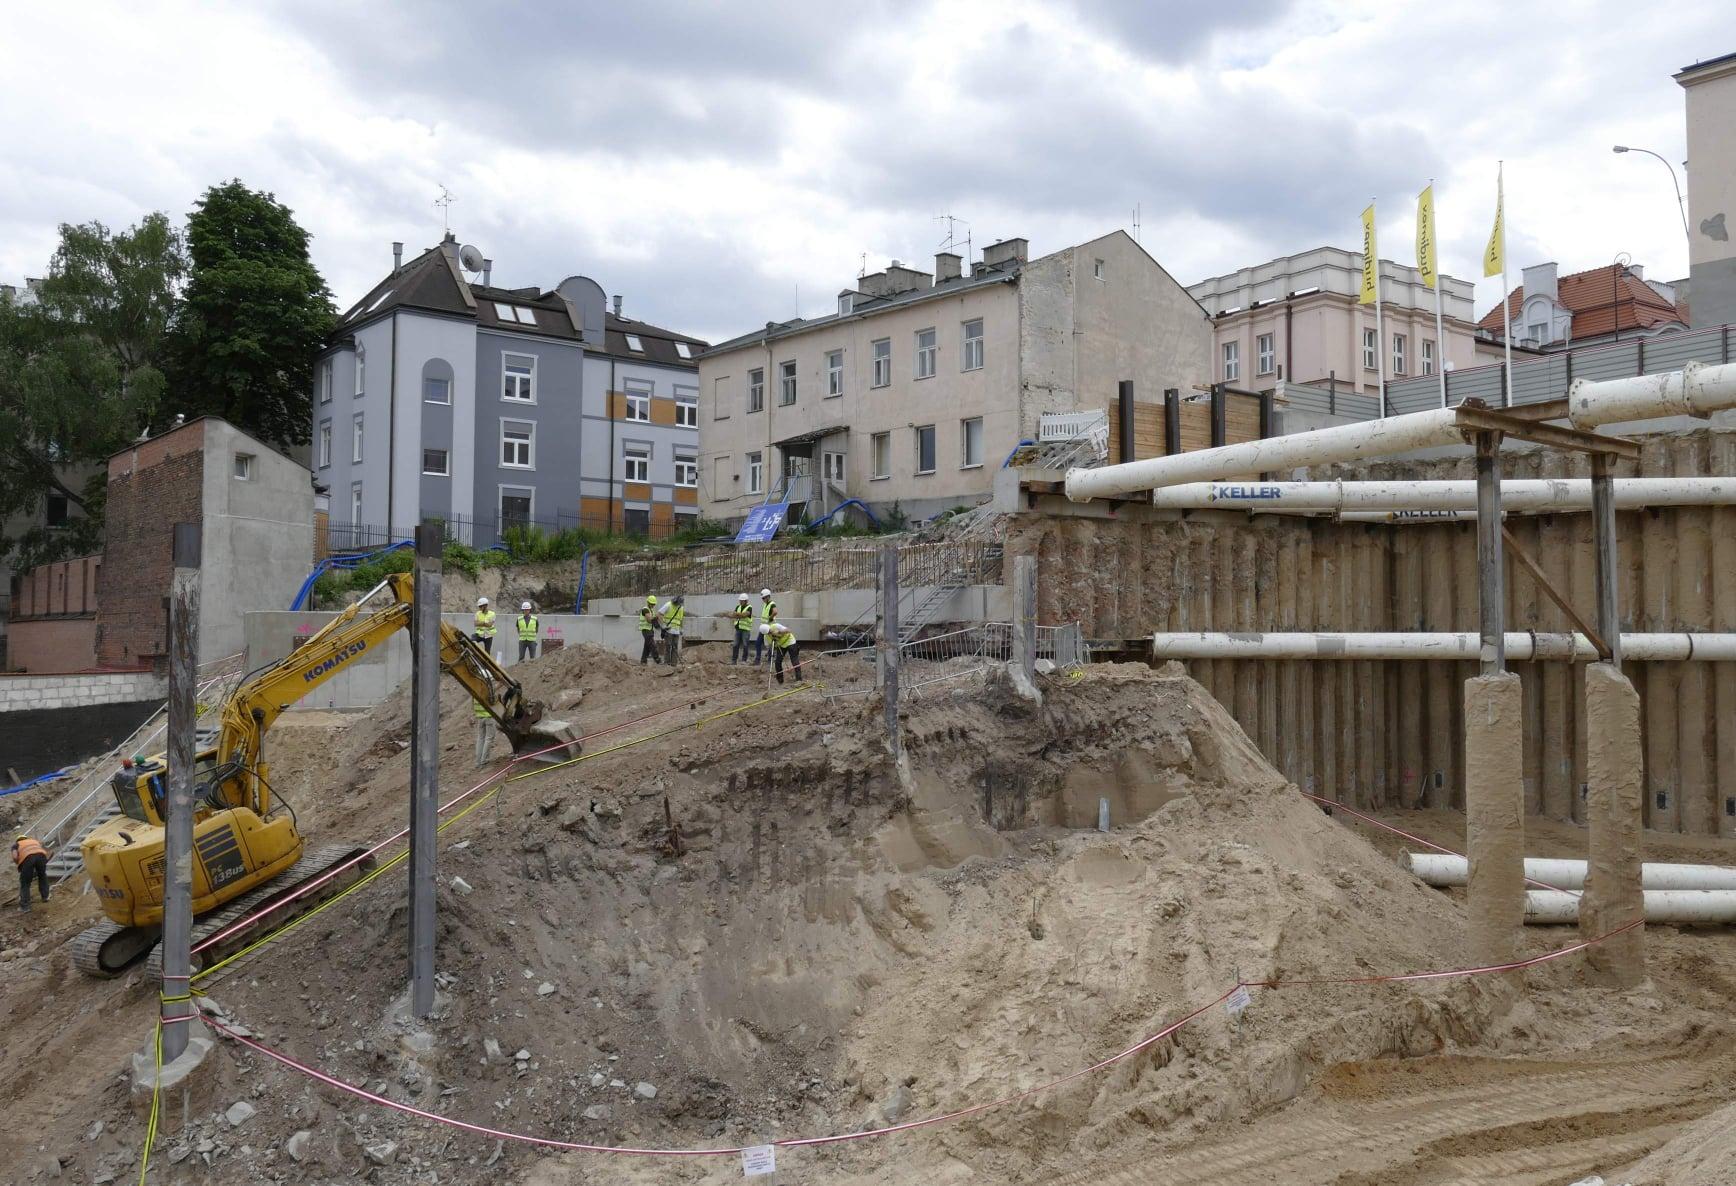 Znaleźli ślady osadnictwa z epoki kamienia na budowie szpitala w Lublinie [GALERIA] - Zdjęcie główne